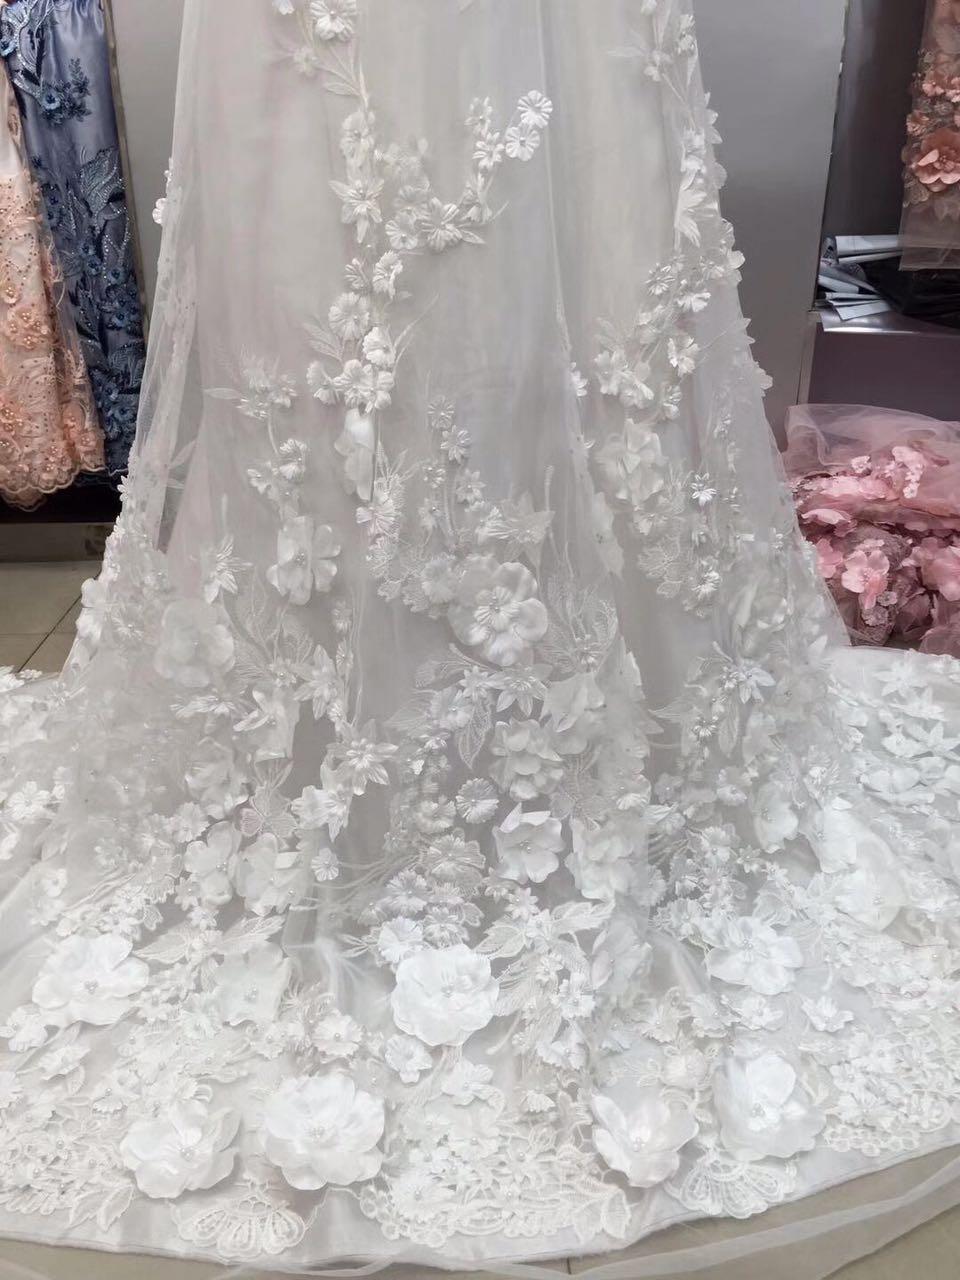 1 yarda de tela de encaje 3D de tul bordado blanco con flores rosadas, tela de encaje nupcial de flores 3D